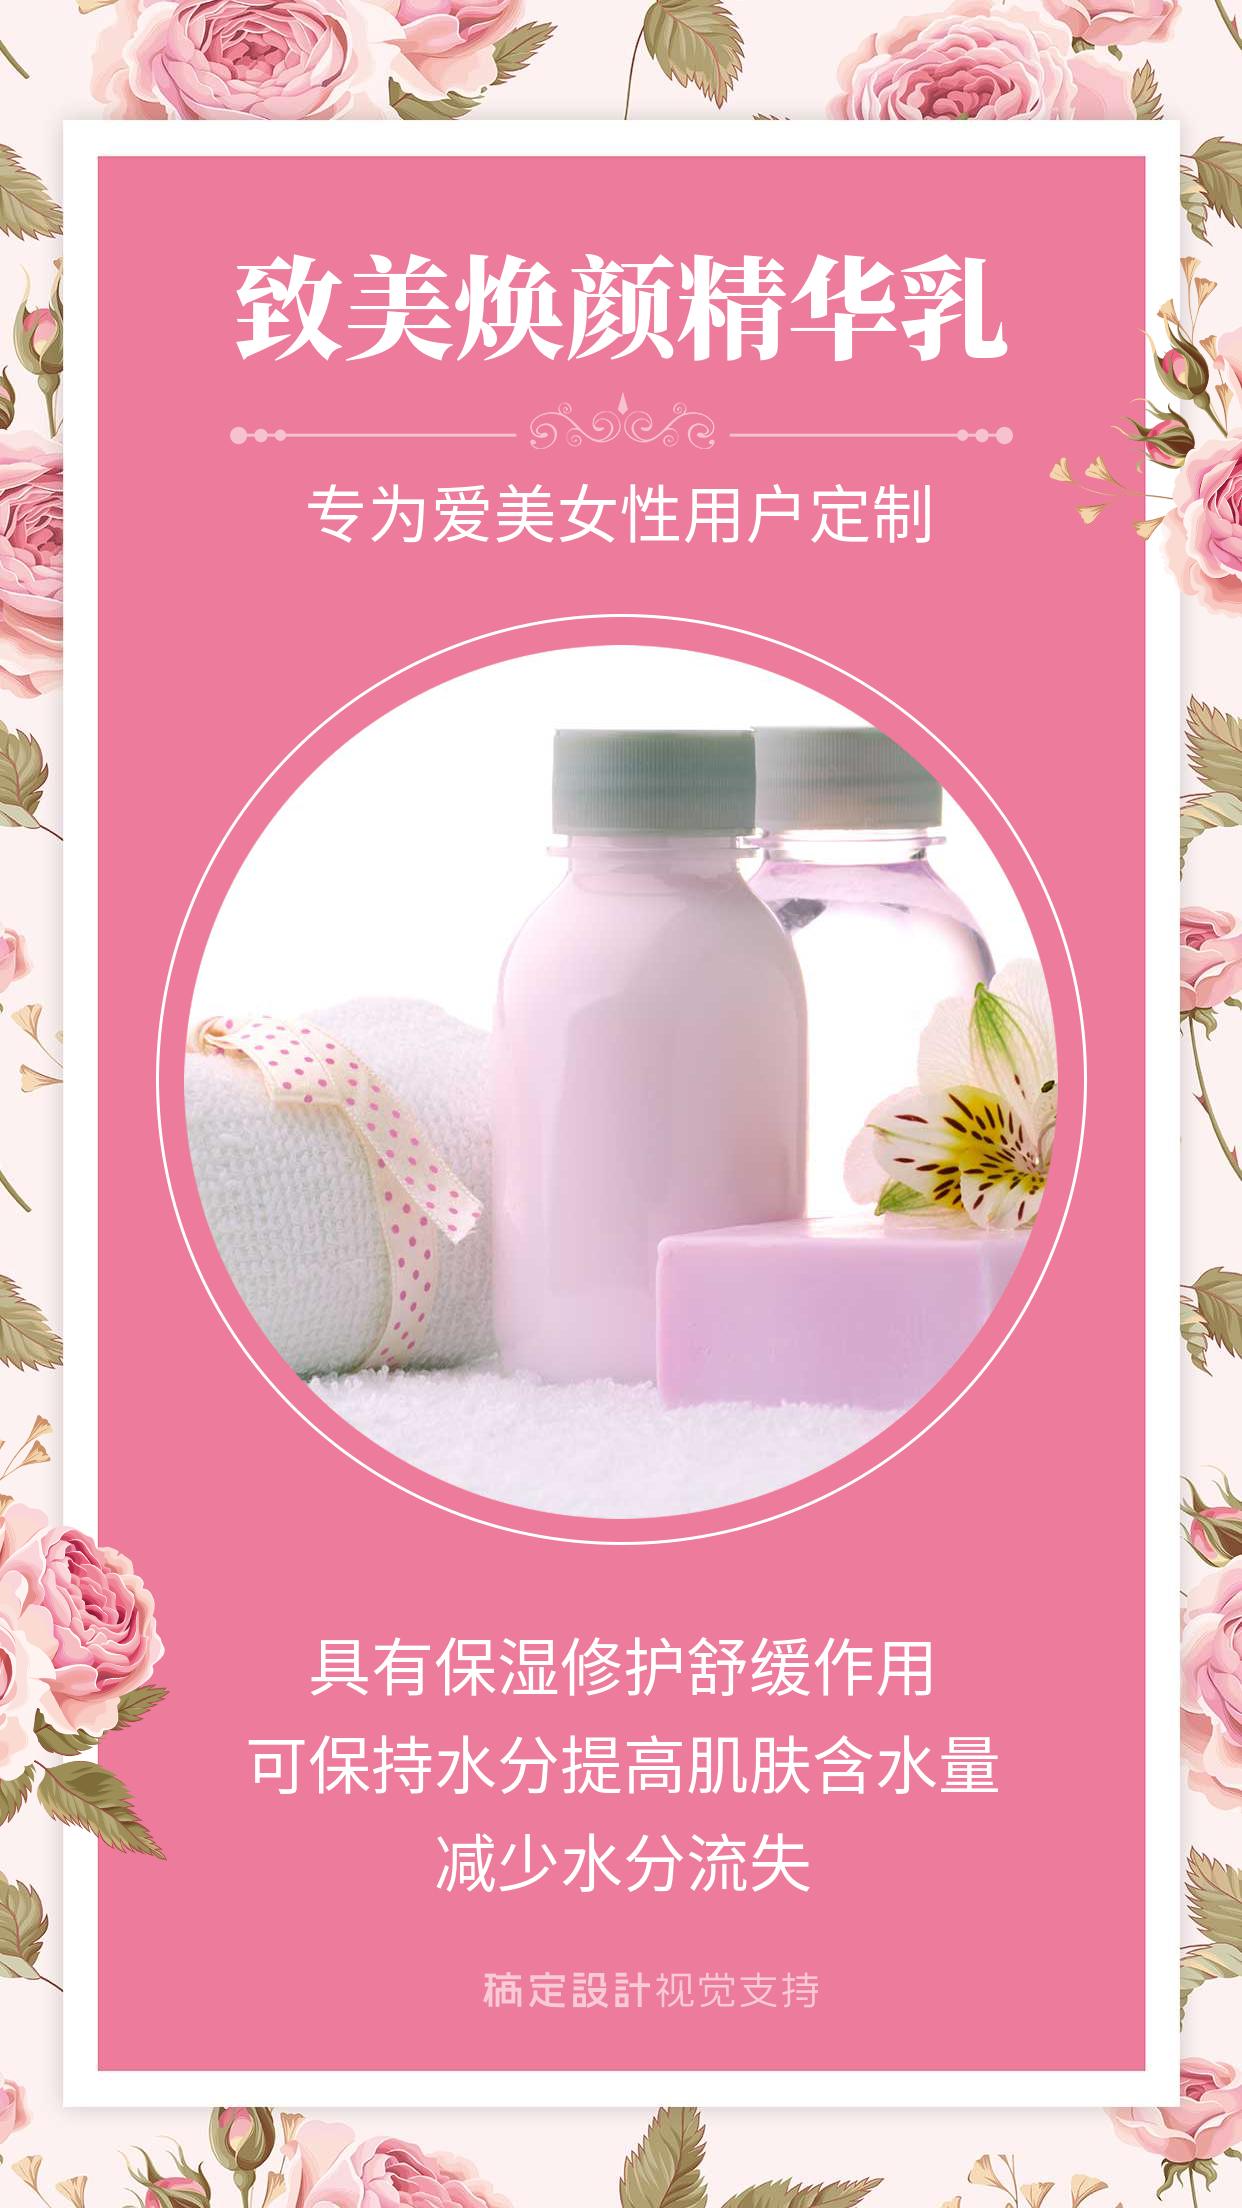 护肤美容产品介绍